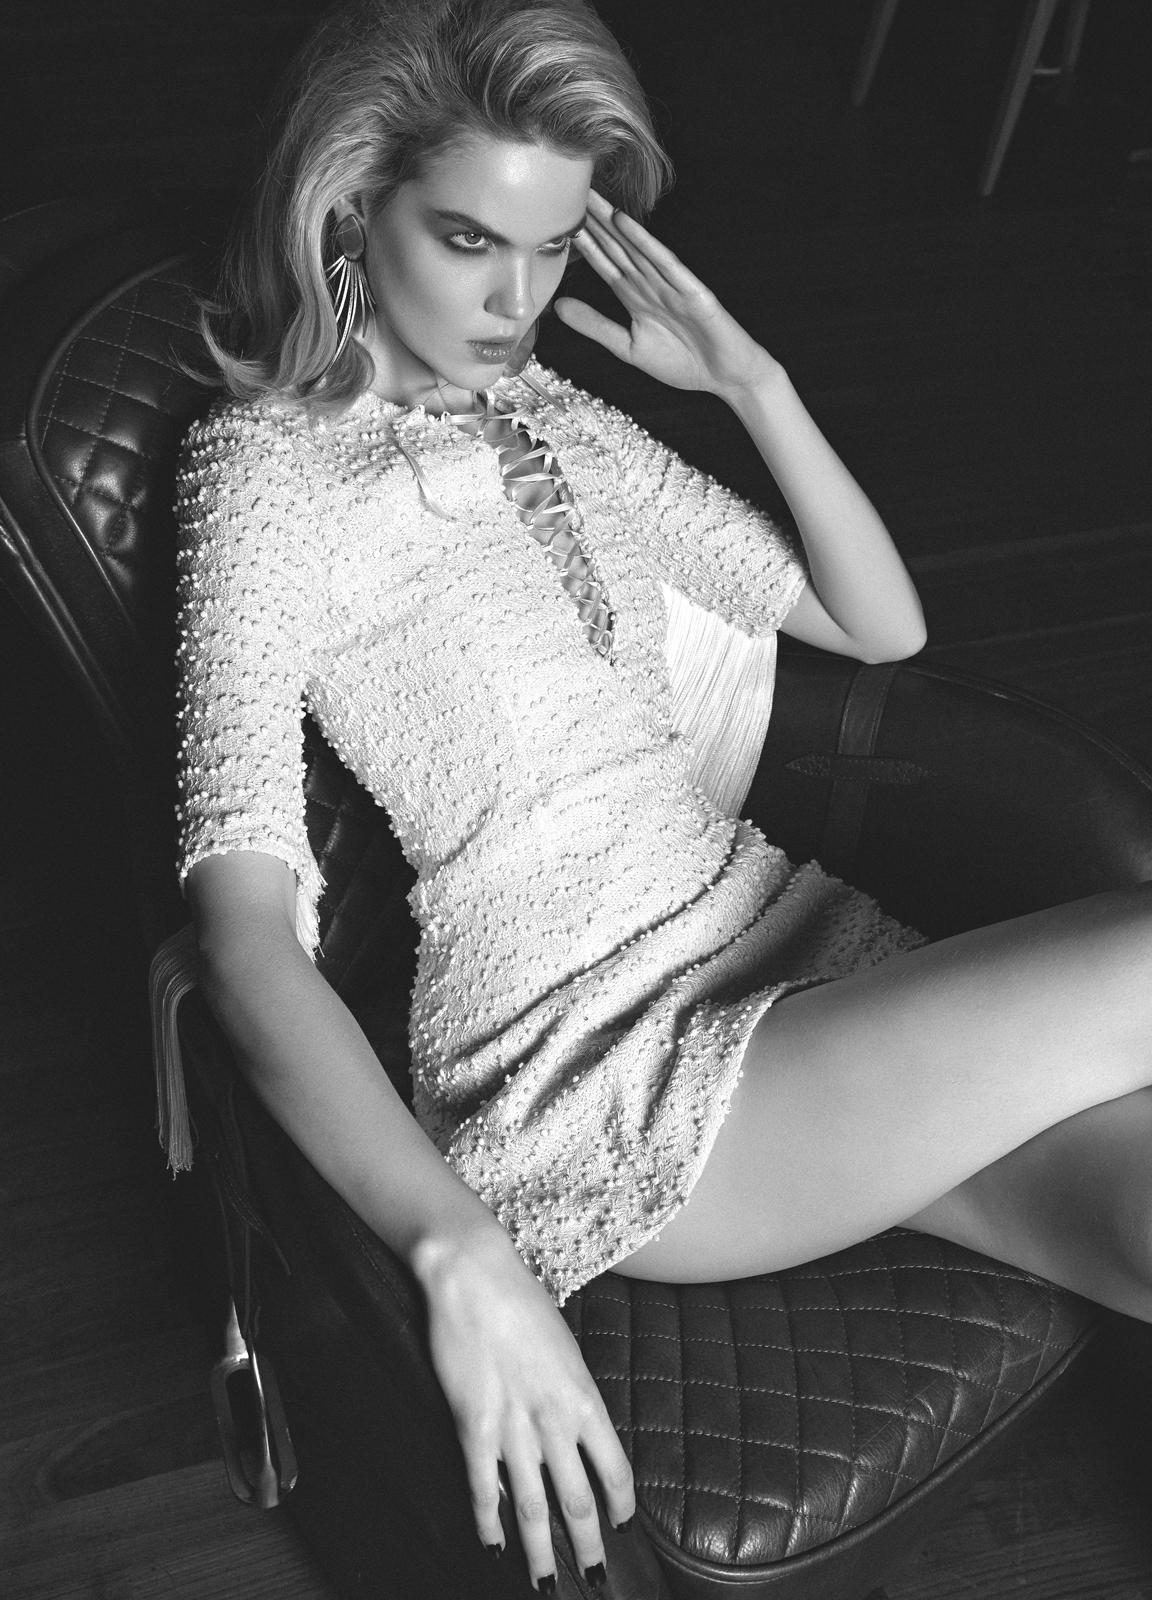 Magazine Photoshoot : Michelle Westgeest Photoshot For Semih Kanmaz Glamour Magazine Turkey November 2013 Issue